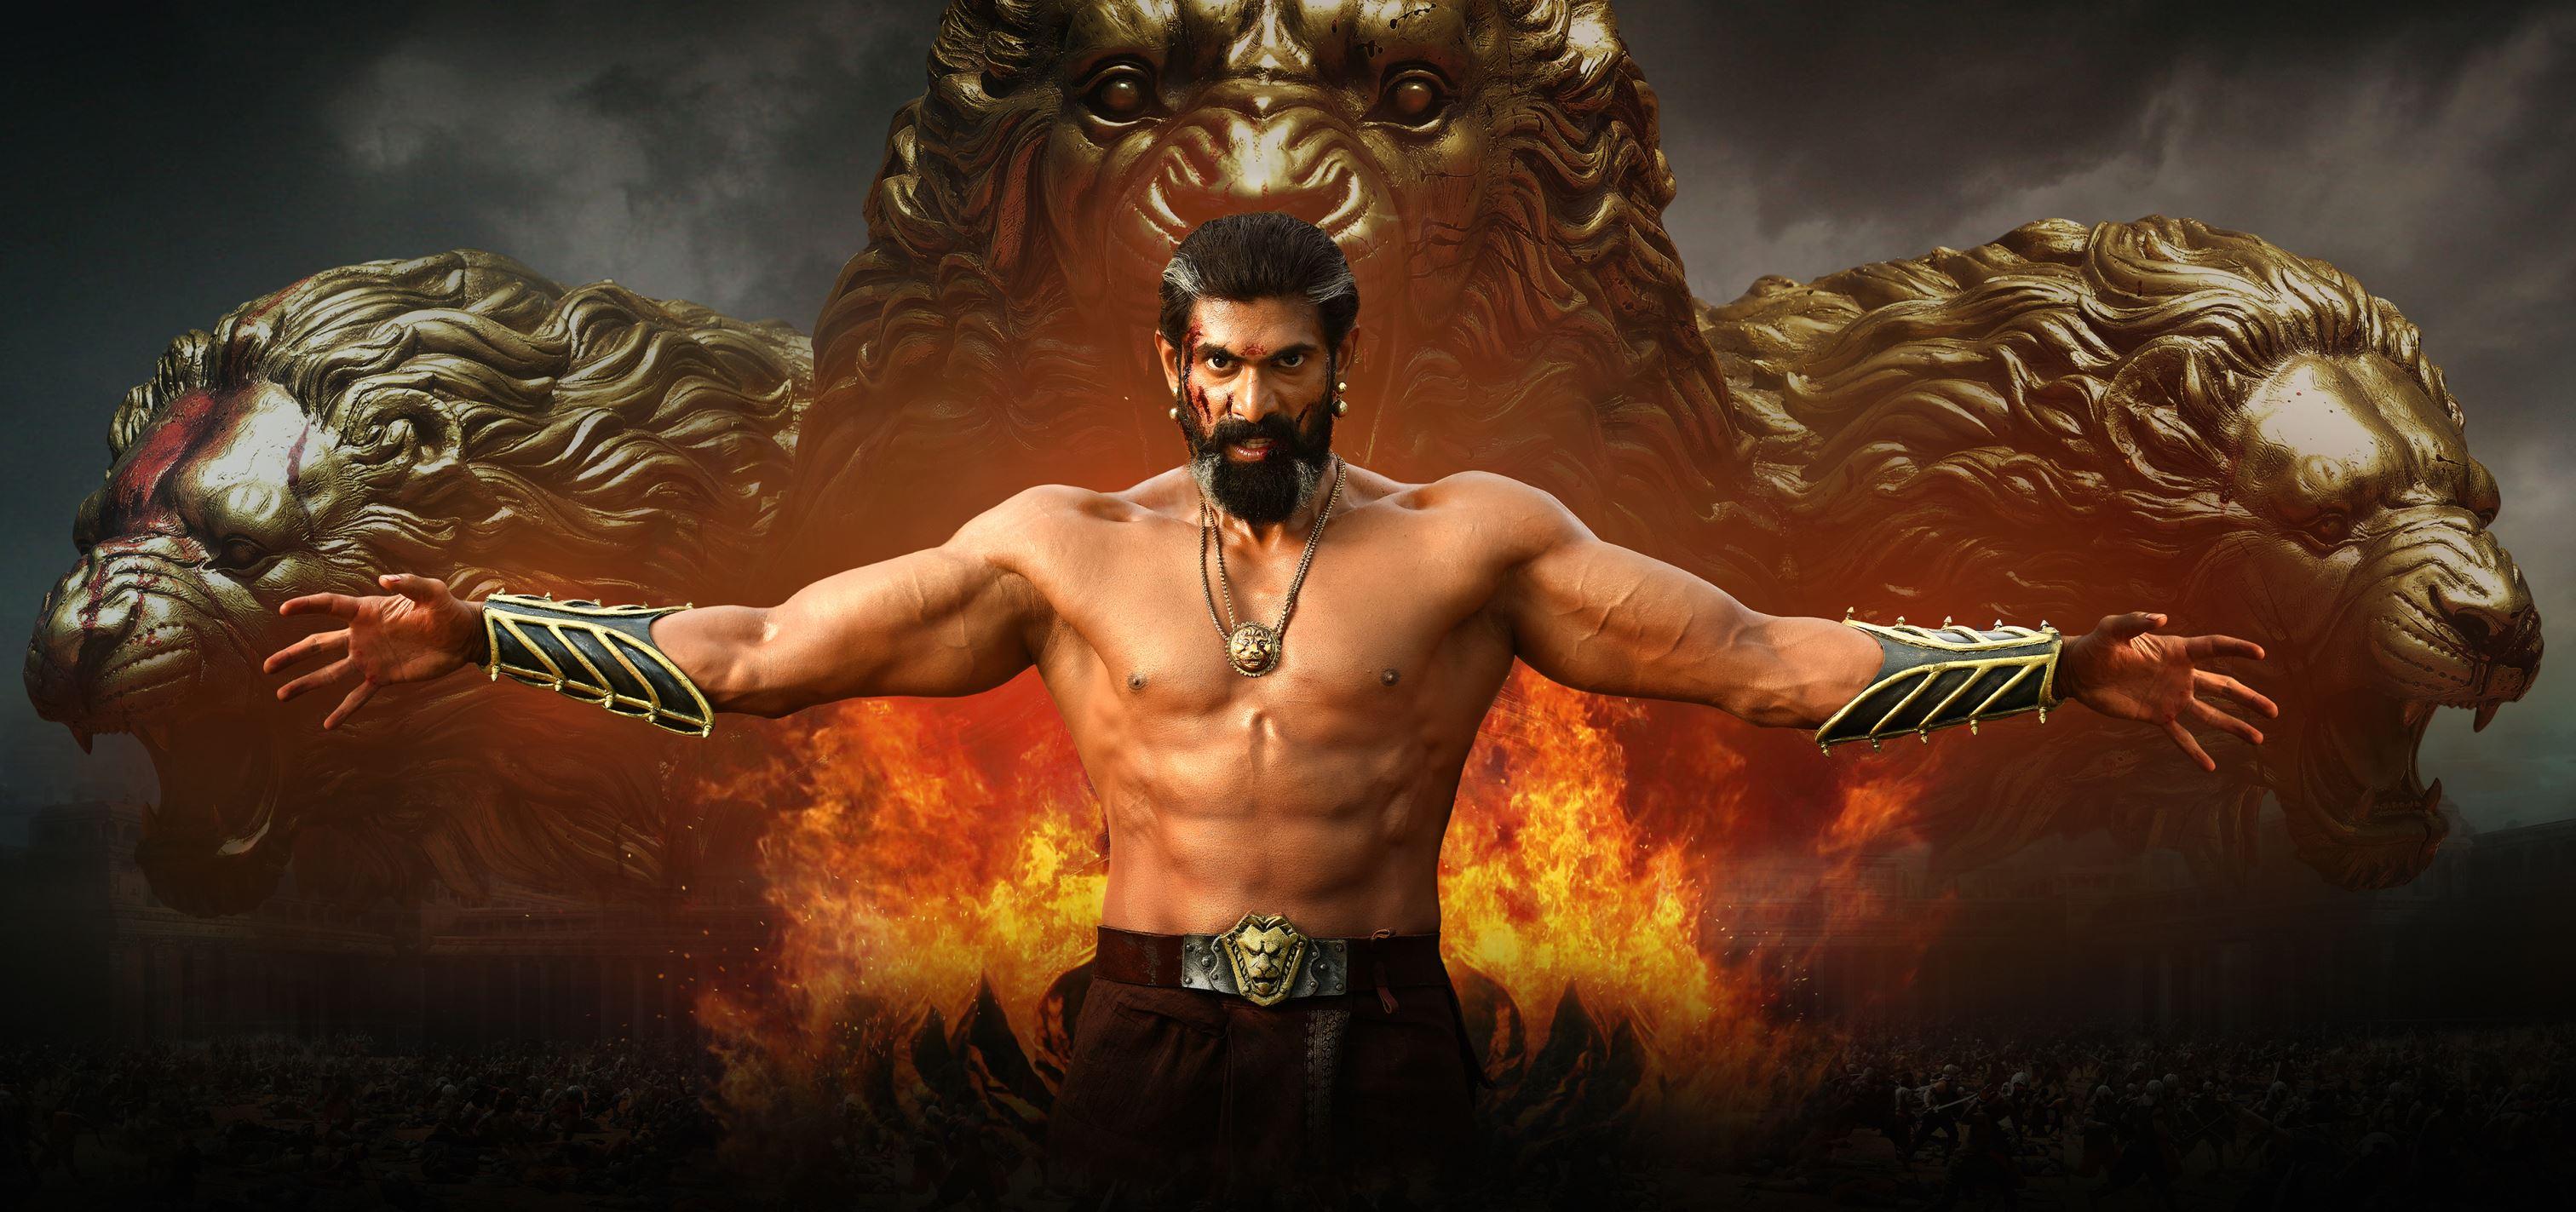 Bahubali 2 telugu picture full film movie